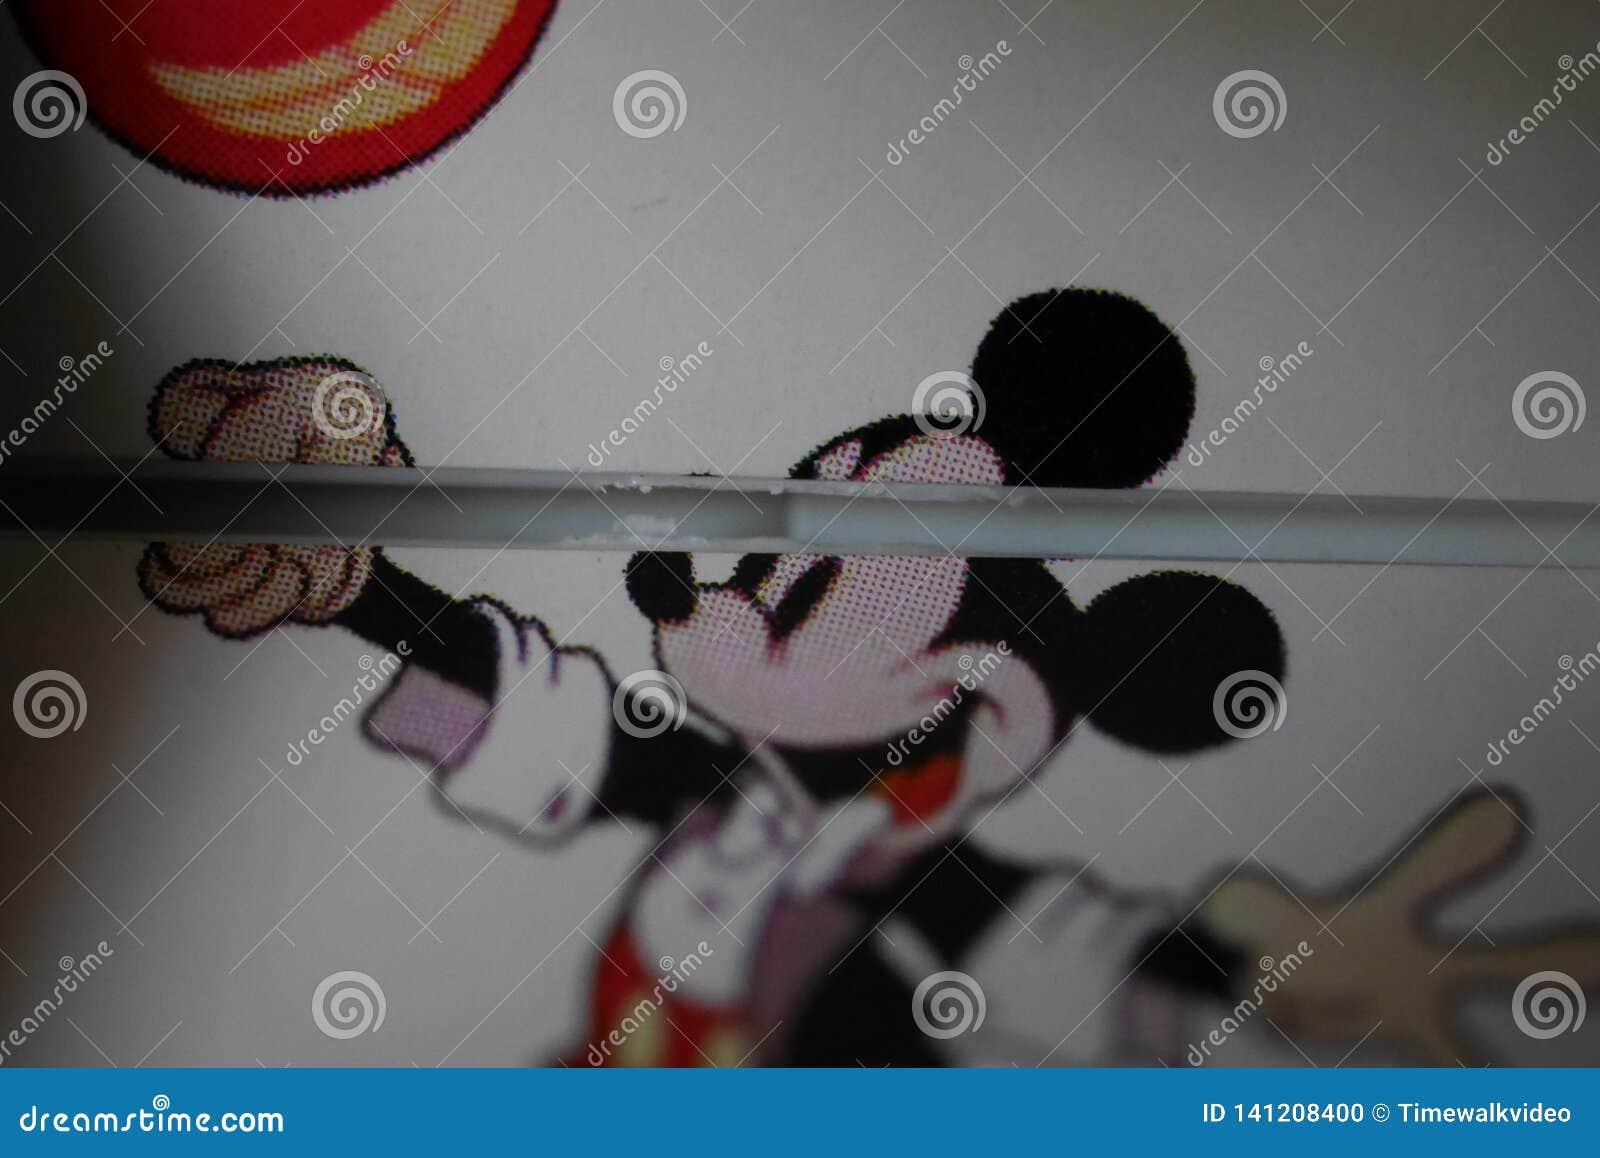 Mickey Mouse Christmas Tree Ornament Walt Disney Company Imagem Editorial Imagem De Christmas Company 141208400